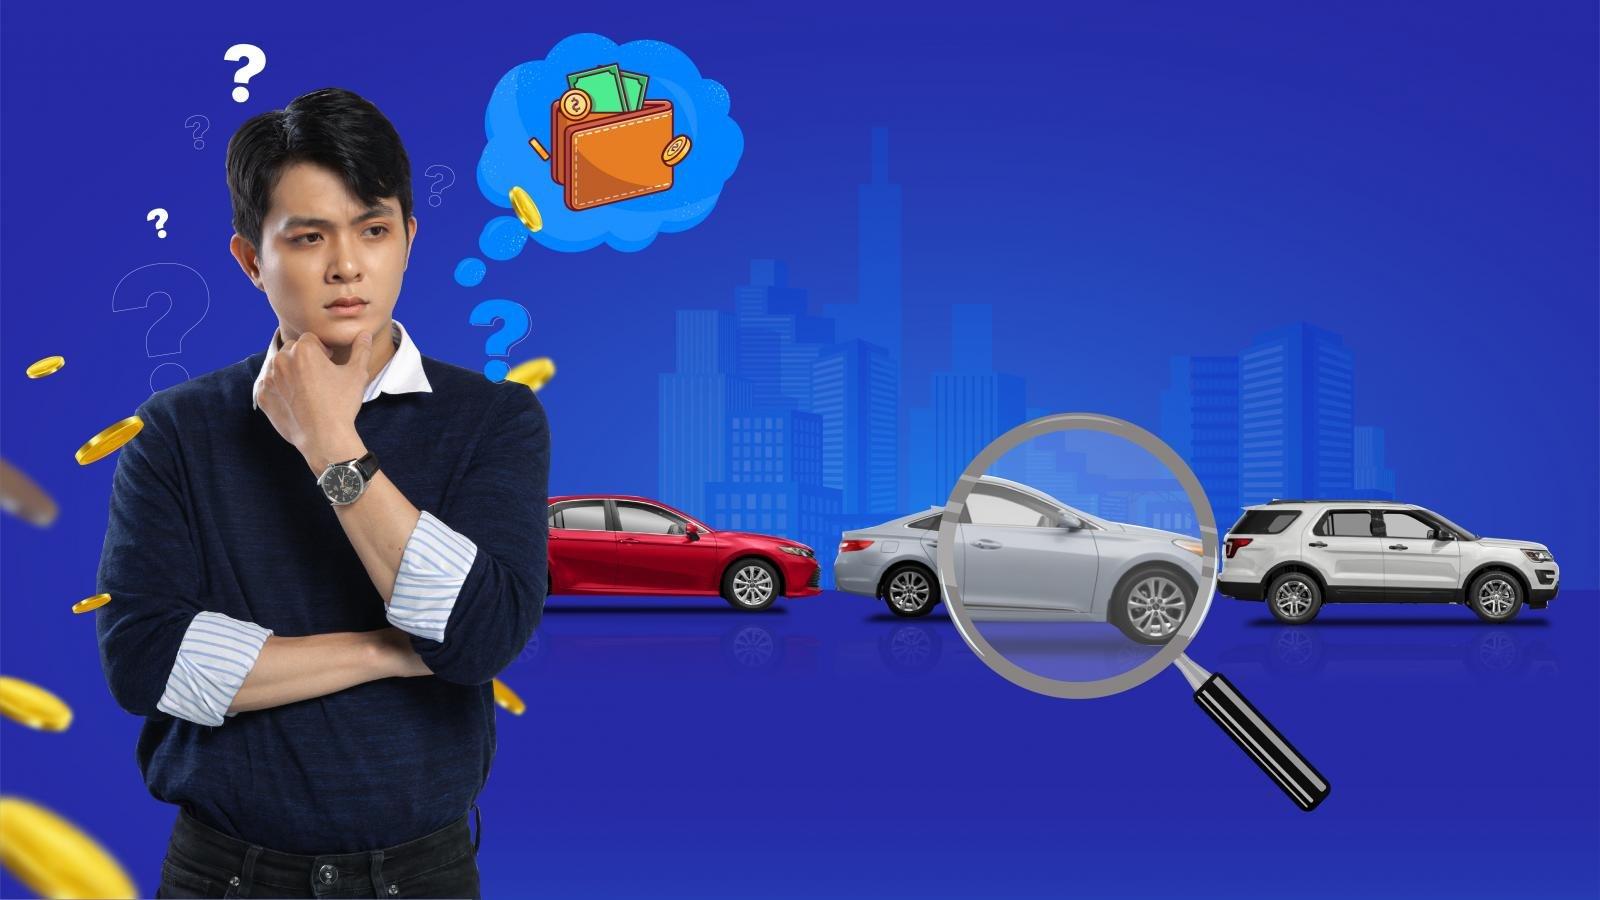 Kinh nghiệm mua xe hơi lần đầu